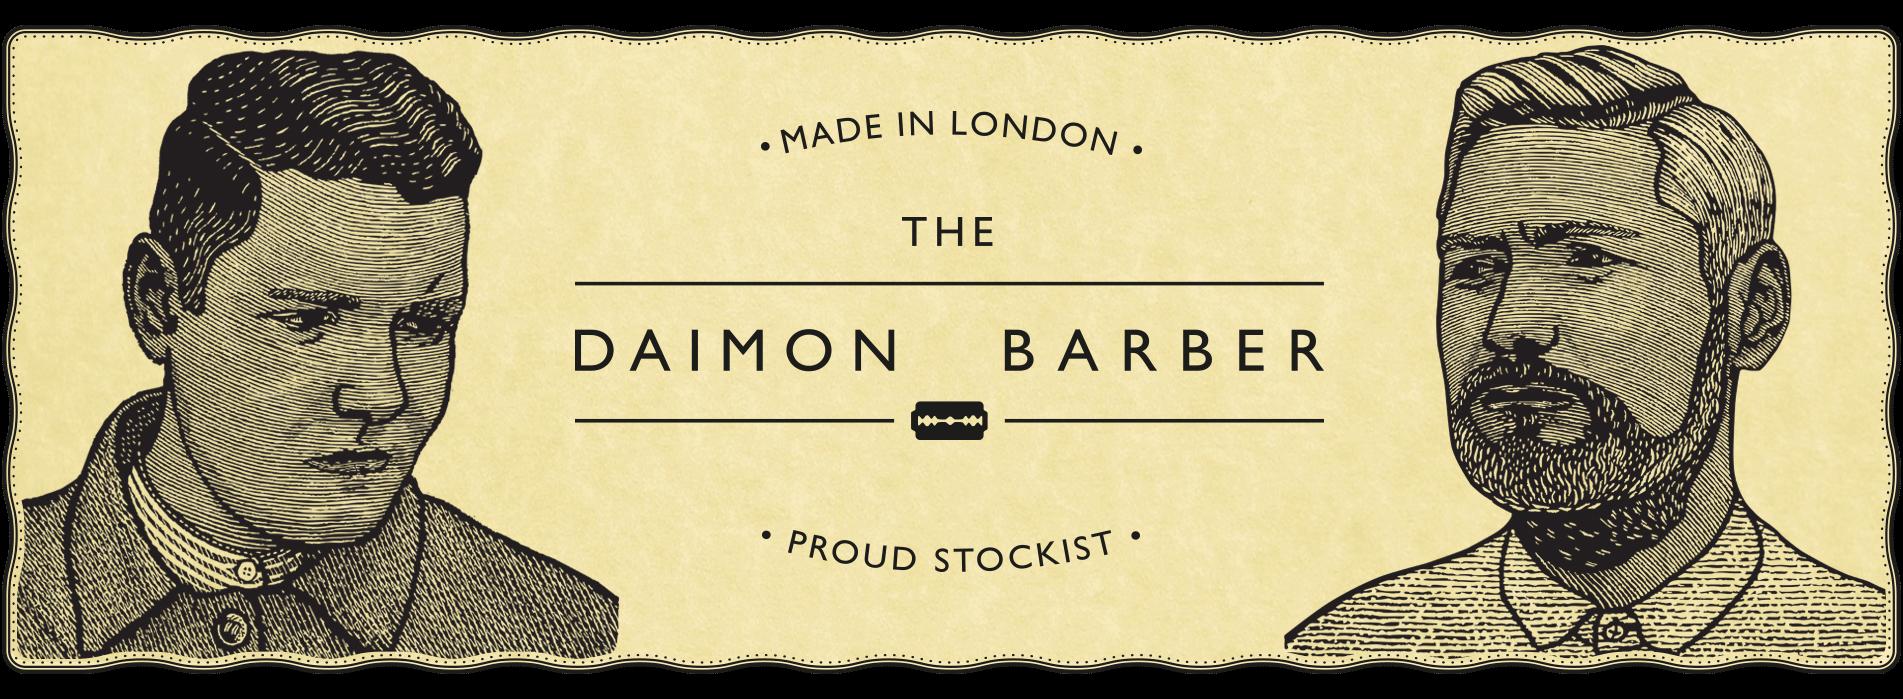 Daimon Barber